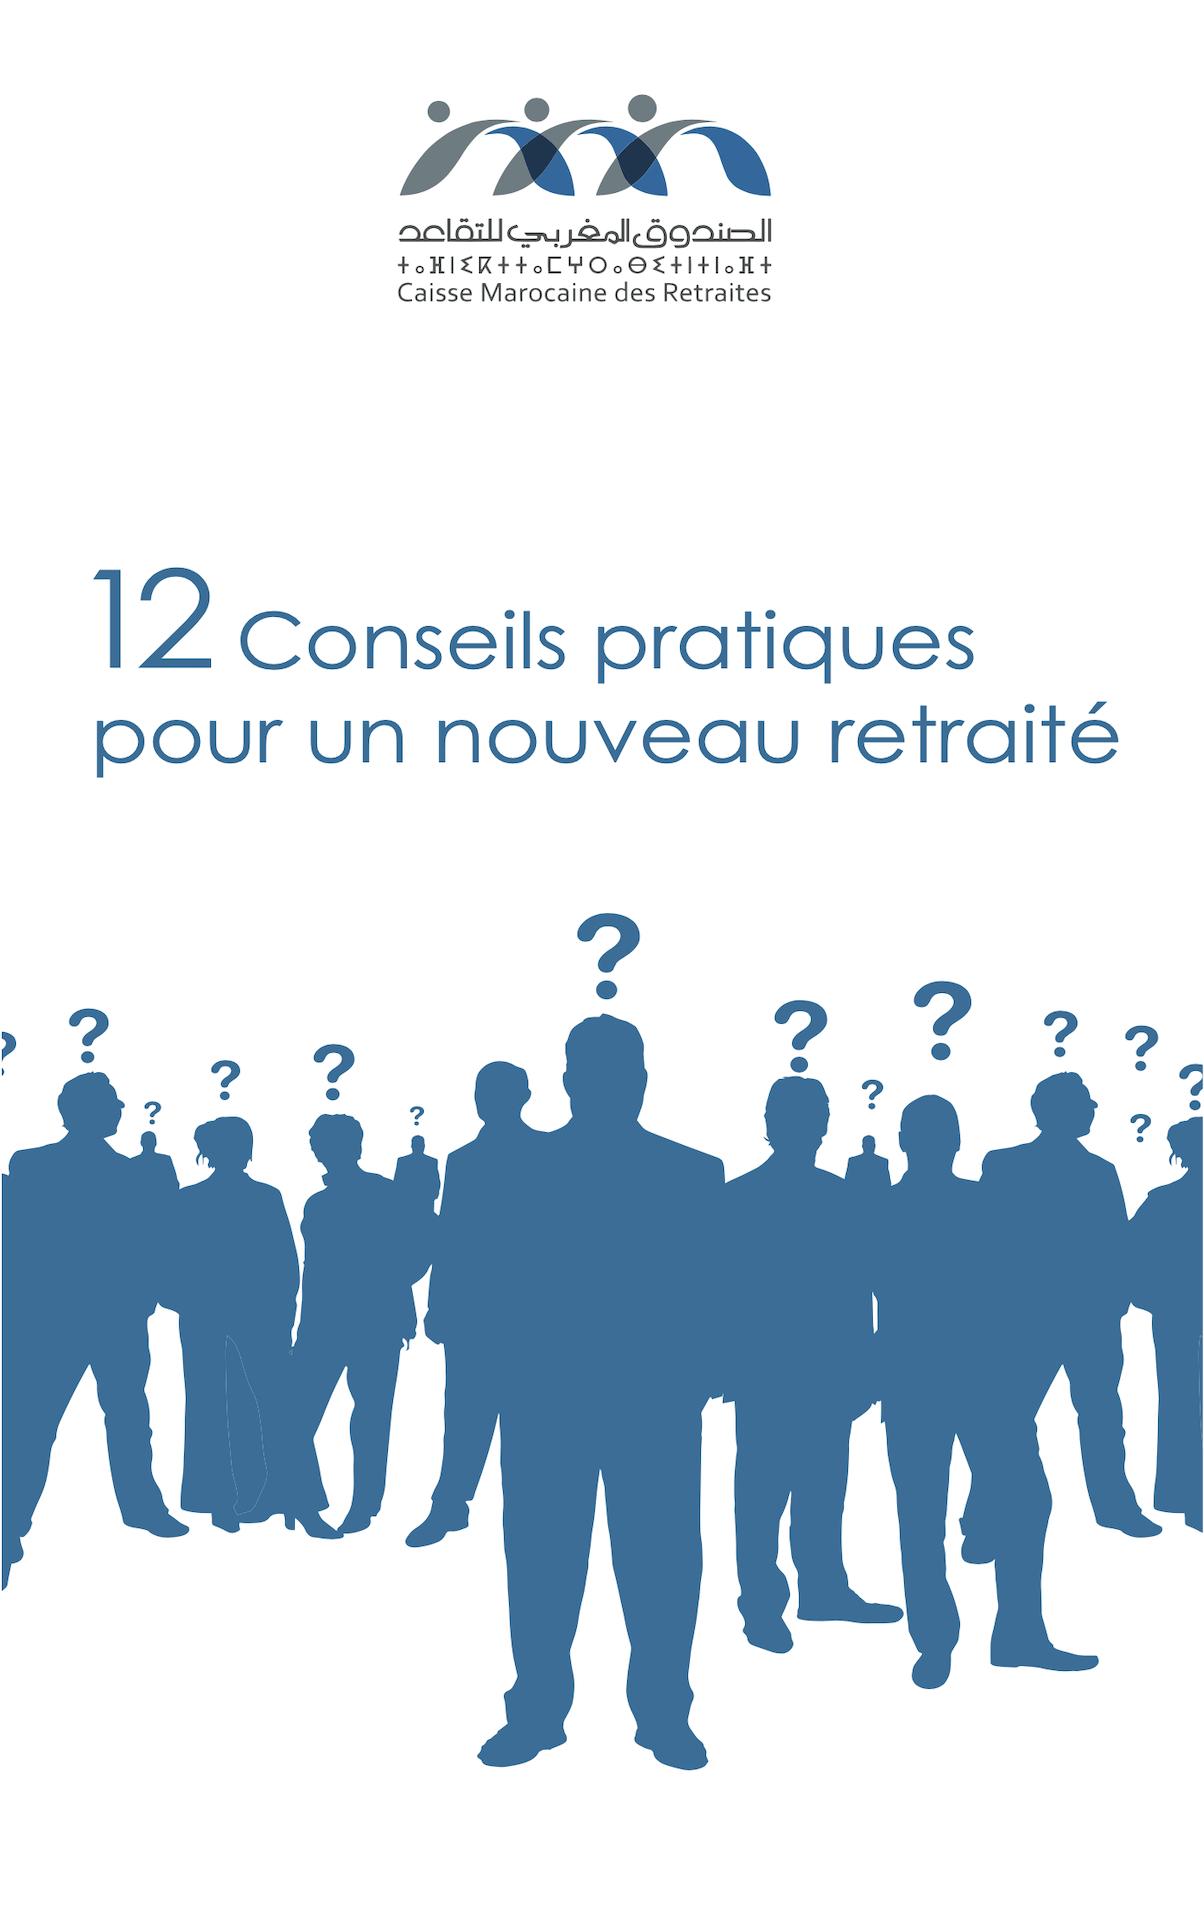 CMR: 12 Conseils pratiques pour...